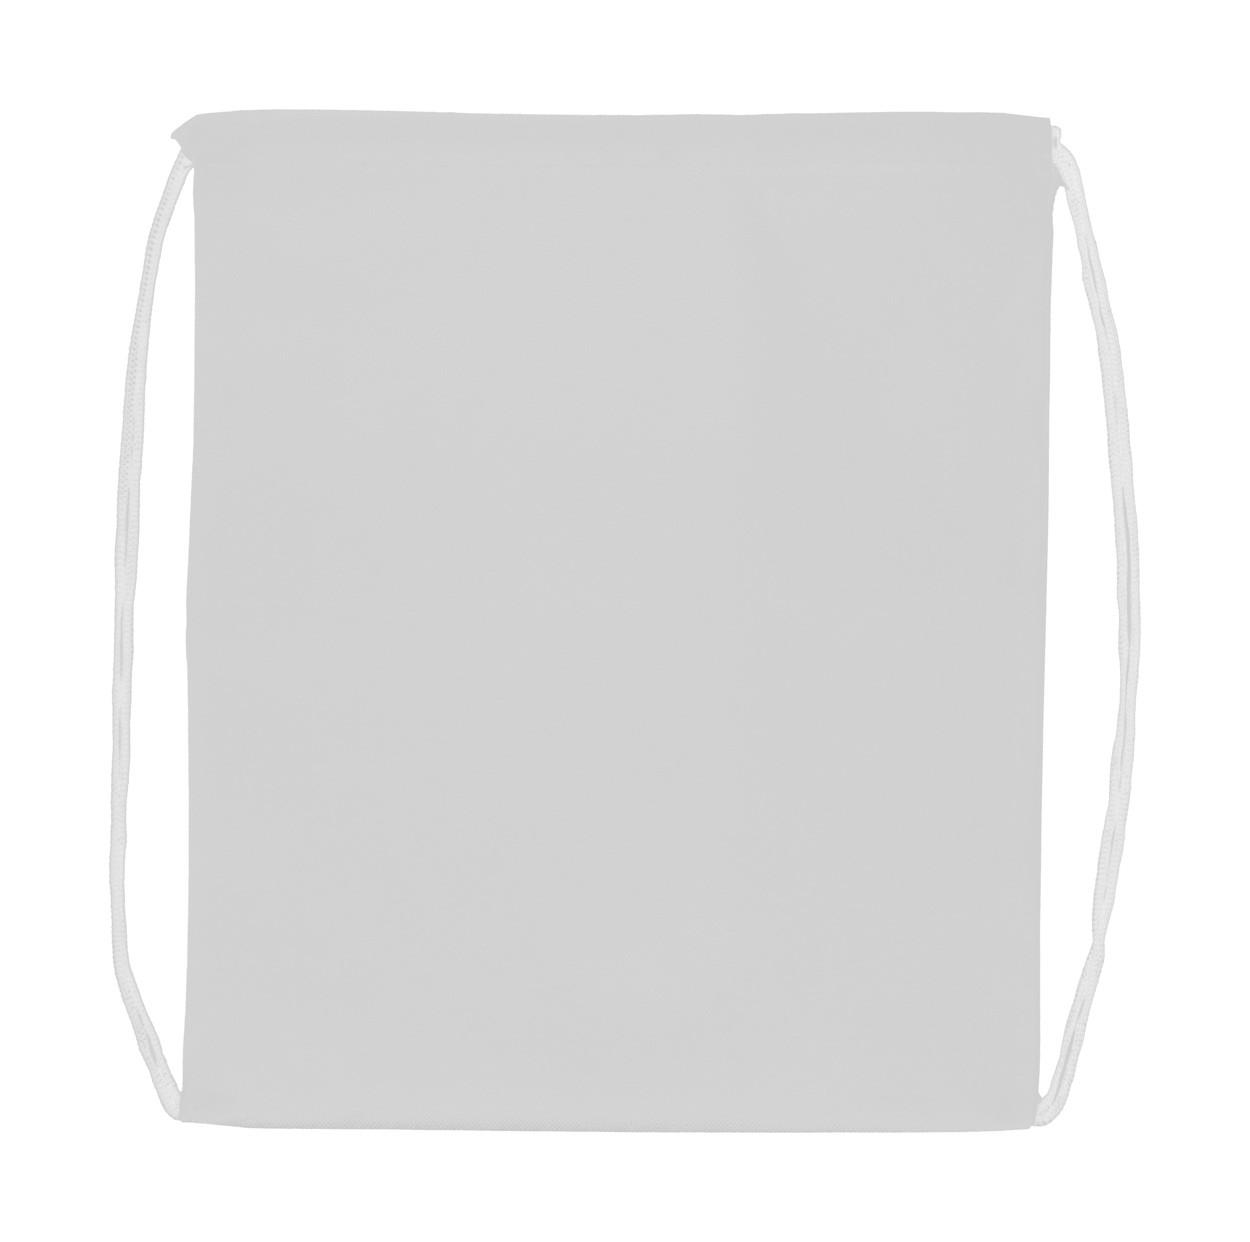 Drawstring Bag Pully - White